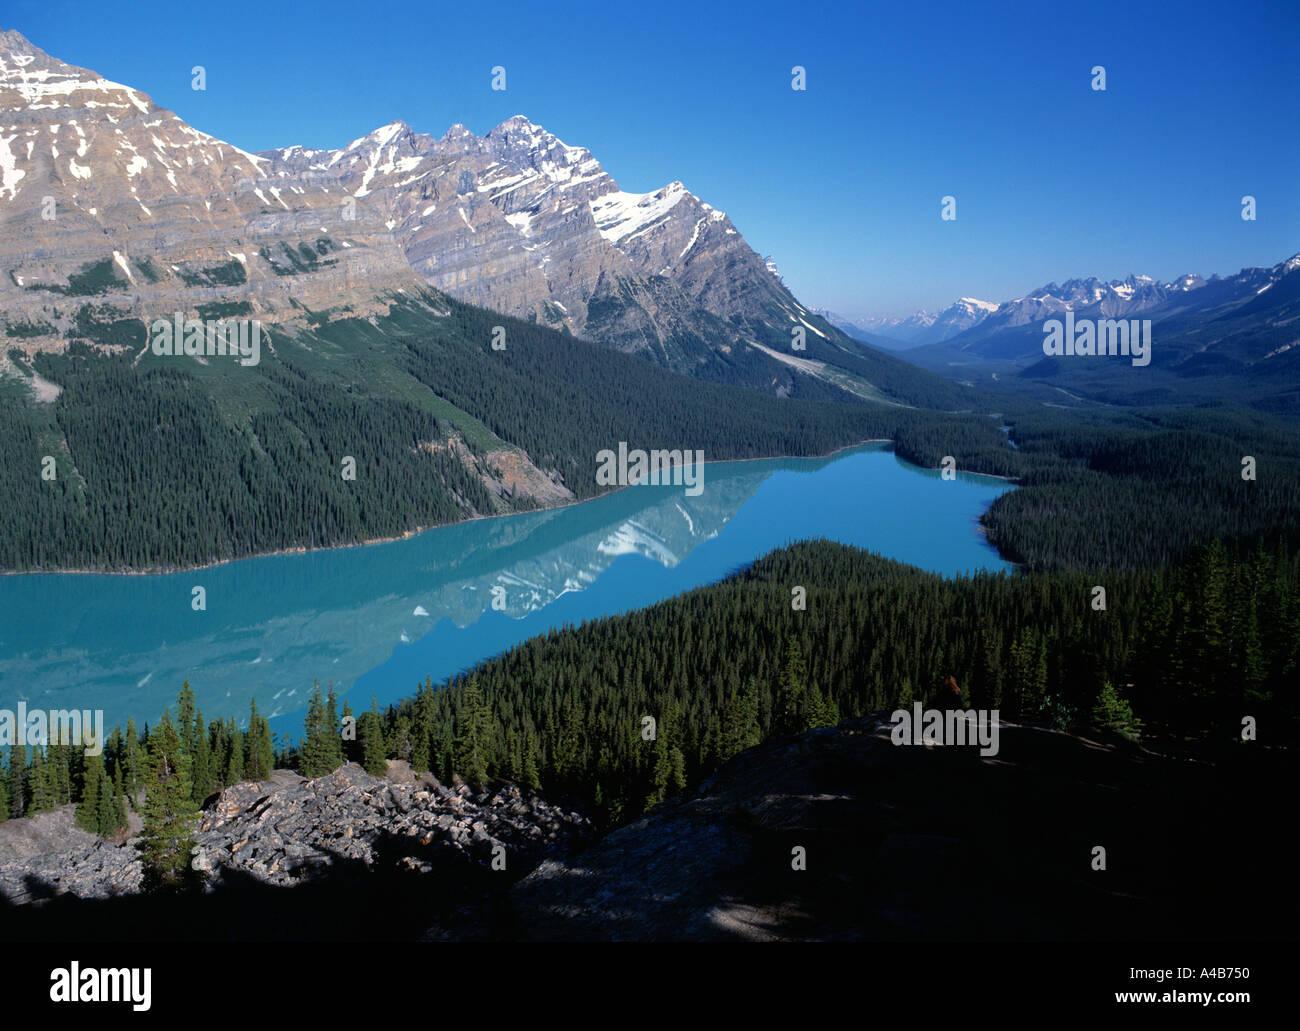 Peyto Lake - Stock Image